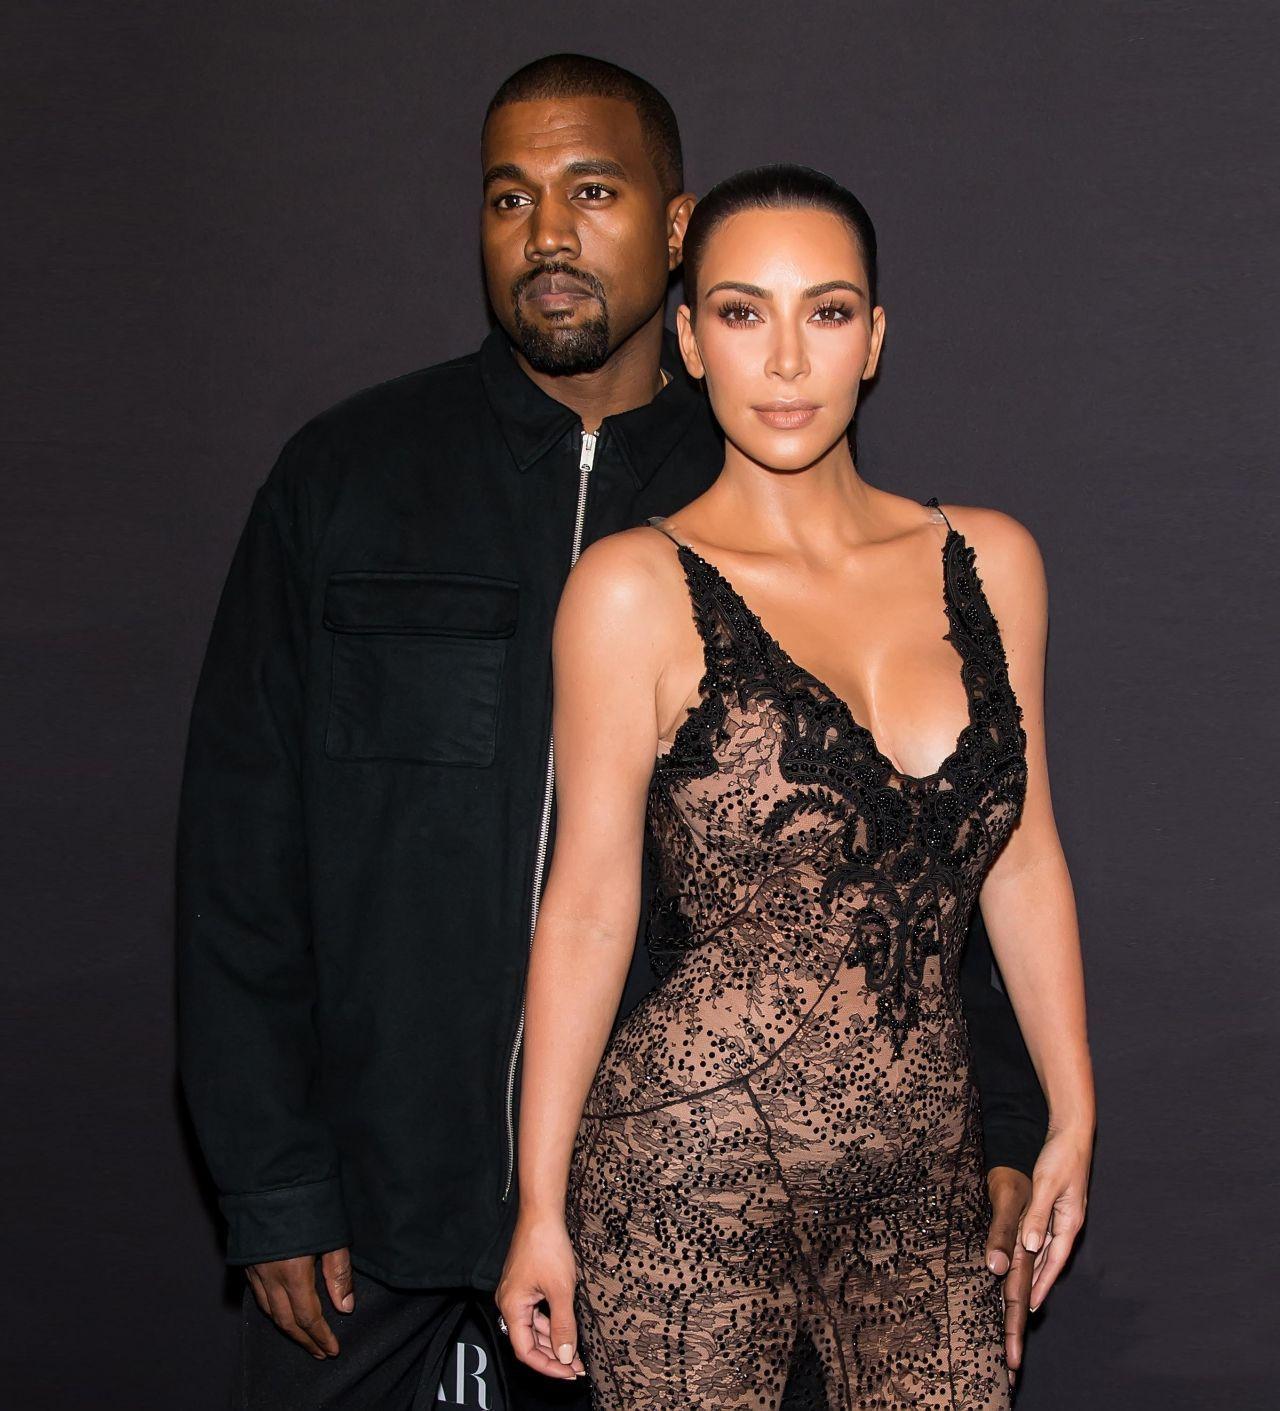 Kim Kardashian ve Kanye West ilişkisi sallantıda! Bomba iddia - Sayfa 4